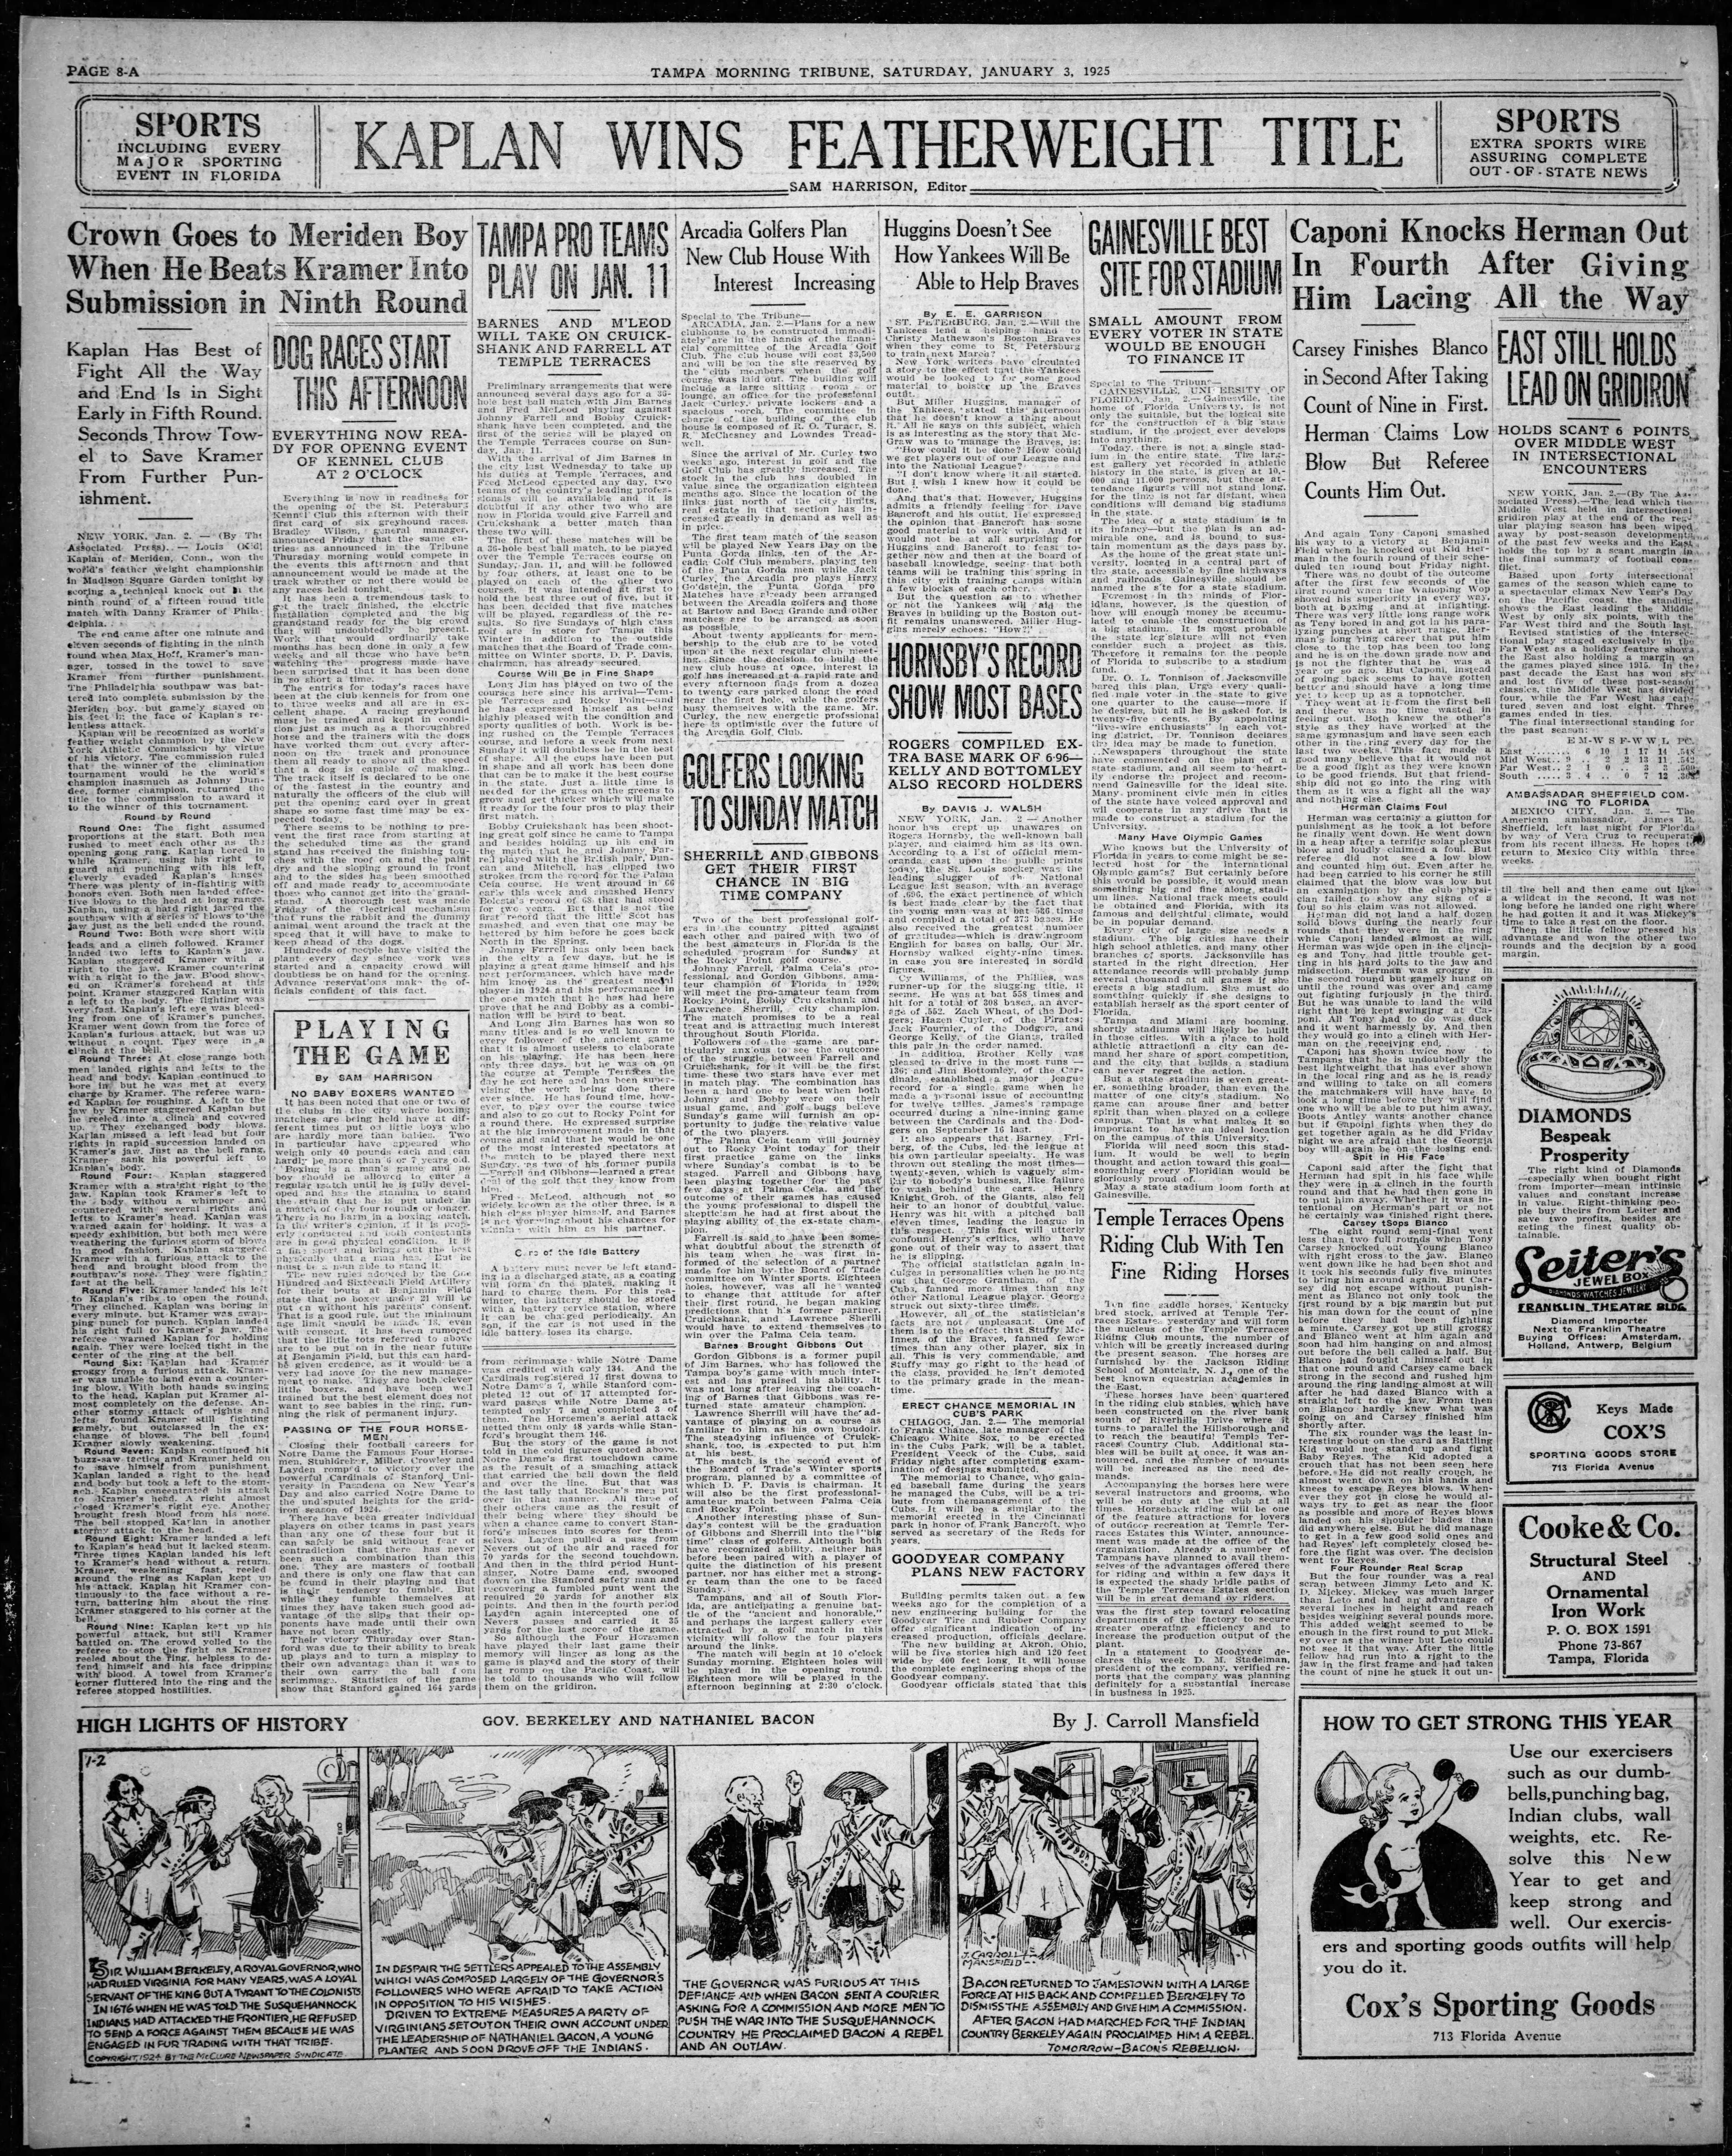 Tampa Pro Teams play on Jan. 11 - Jan 23, 1925 Tampa Tribune